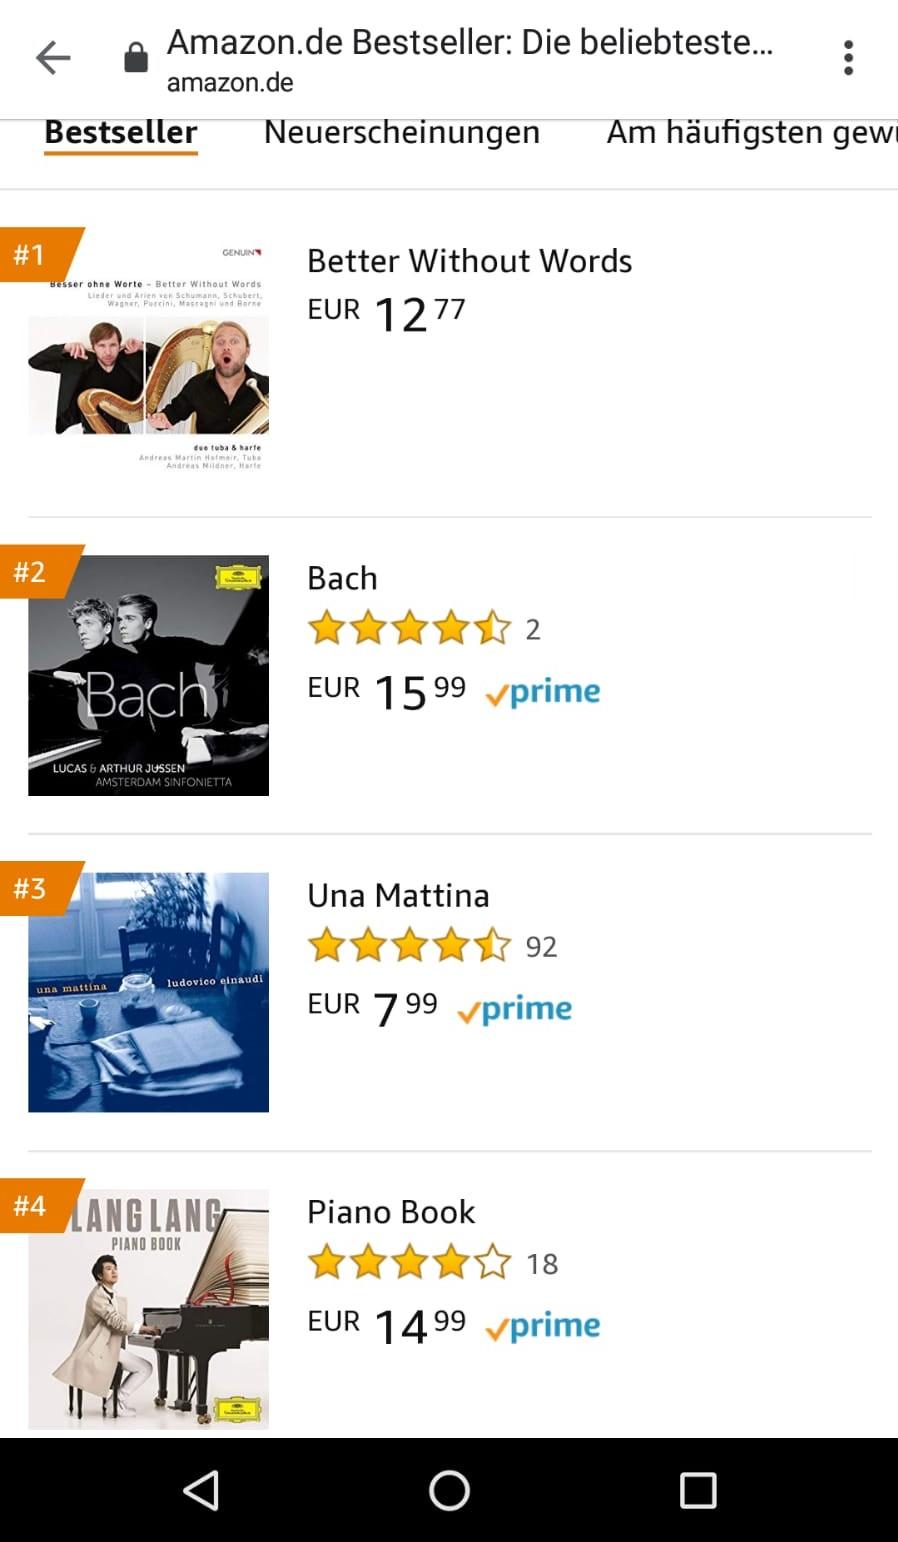 Amazon Kammermusikcharts